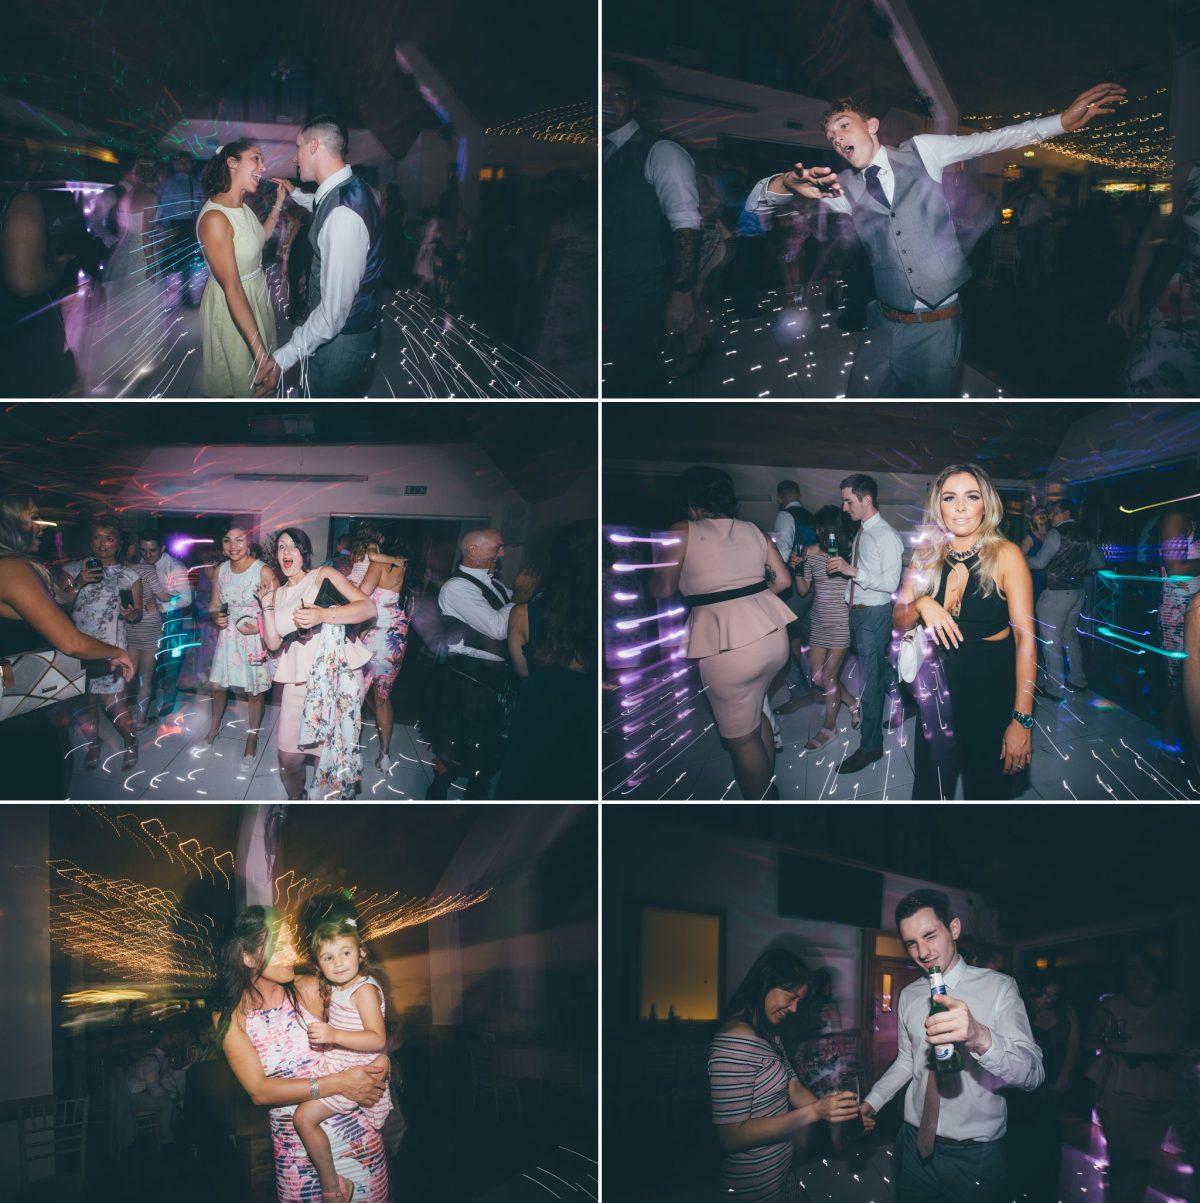 welsh_wedding_photographer_rachel_lambert_photography_canada_lake_lodge_michaela_haydn_ 109